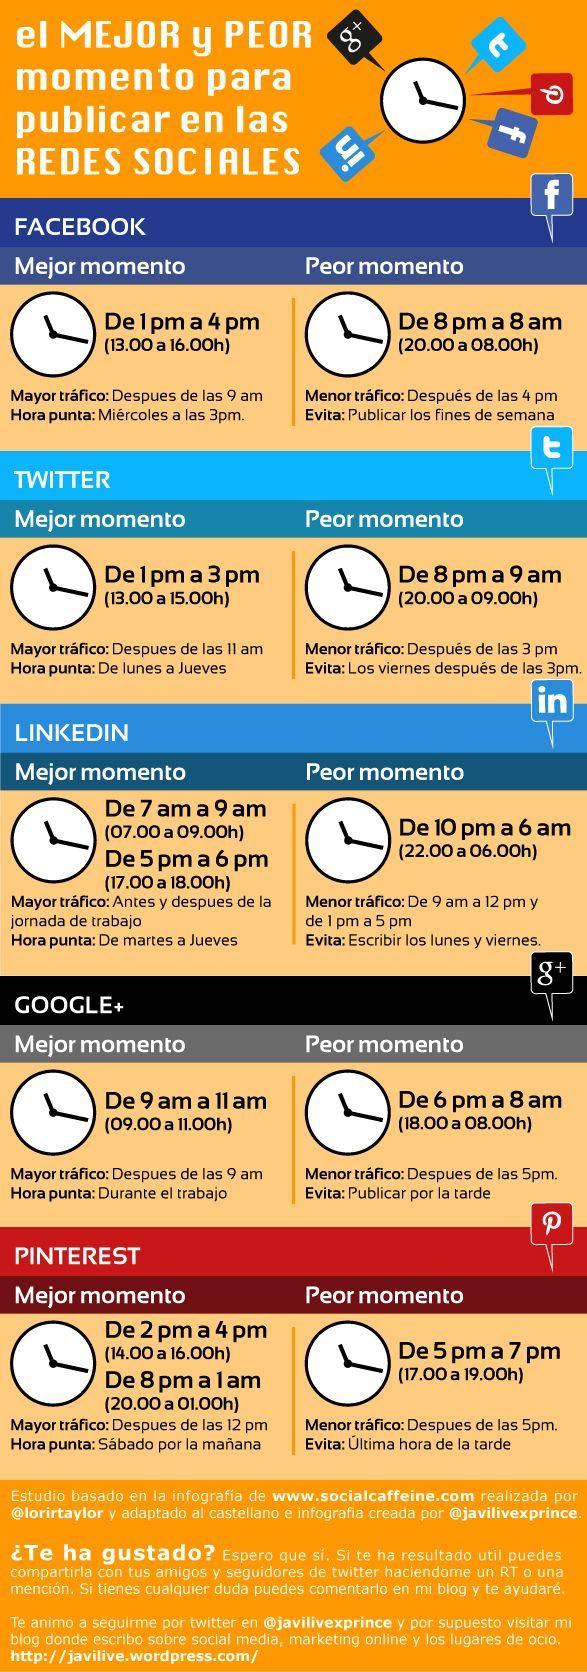 Mejores y peores horarios para publicar en Redes Sociales #infografia